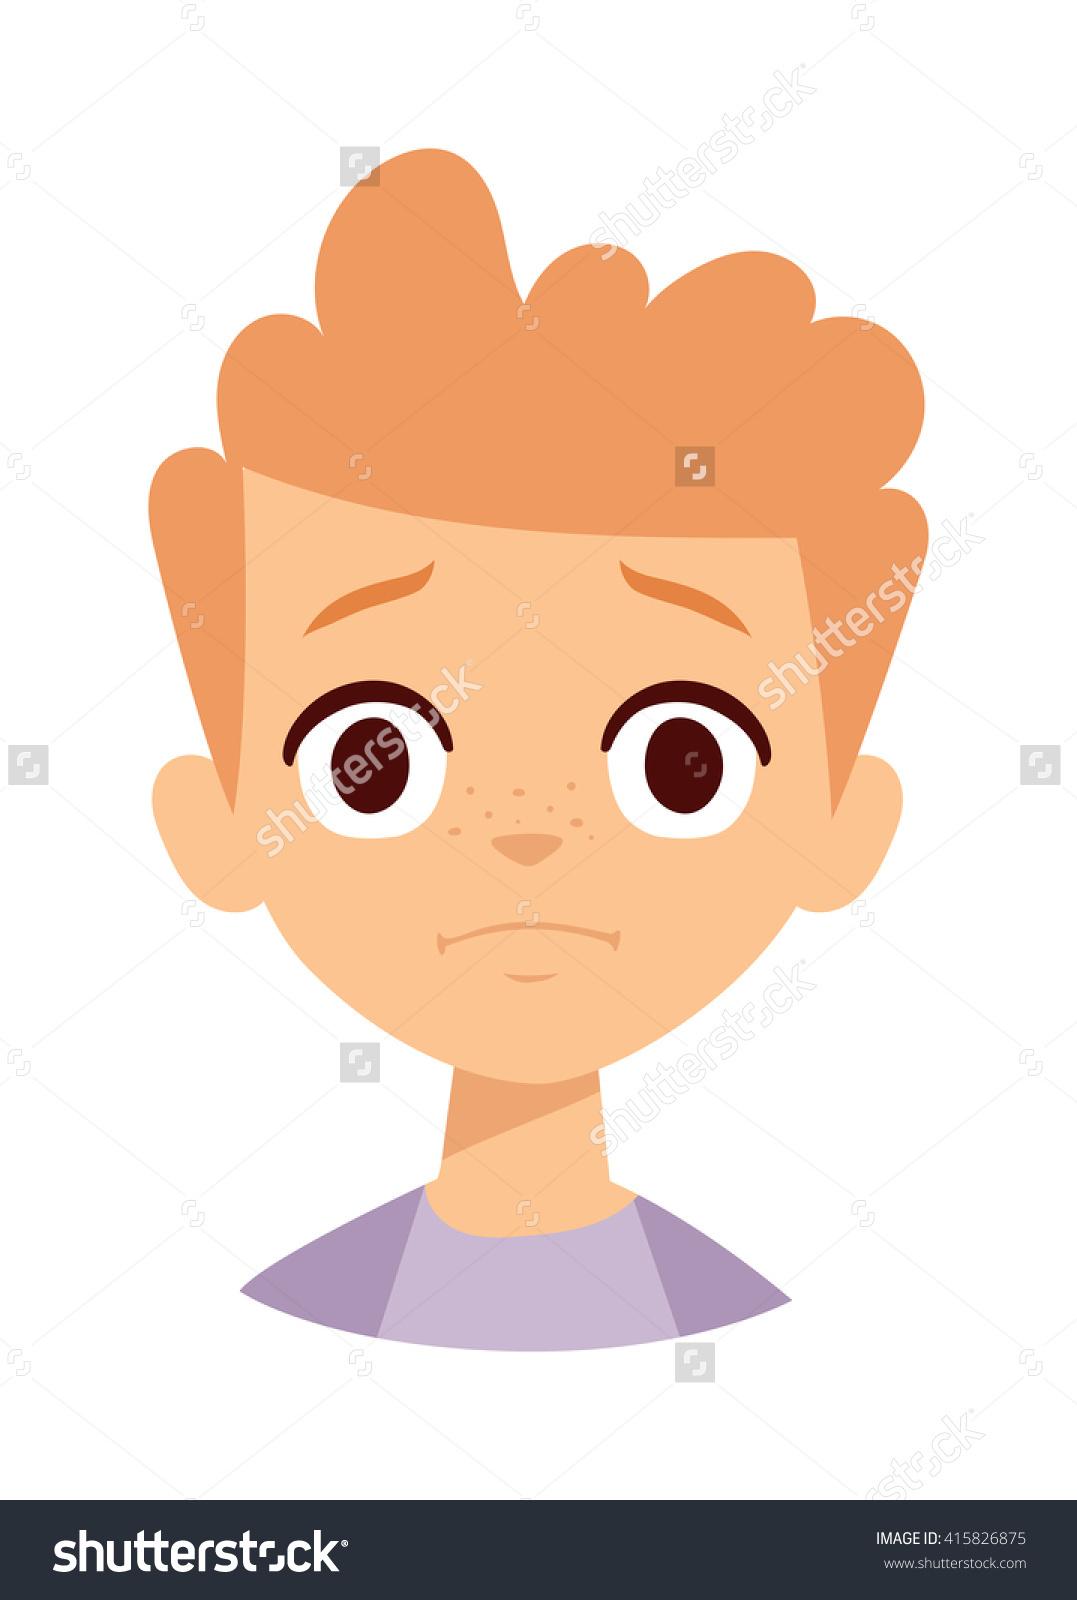 little boy head clipart #7